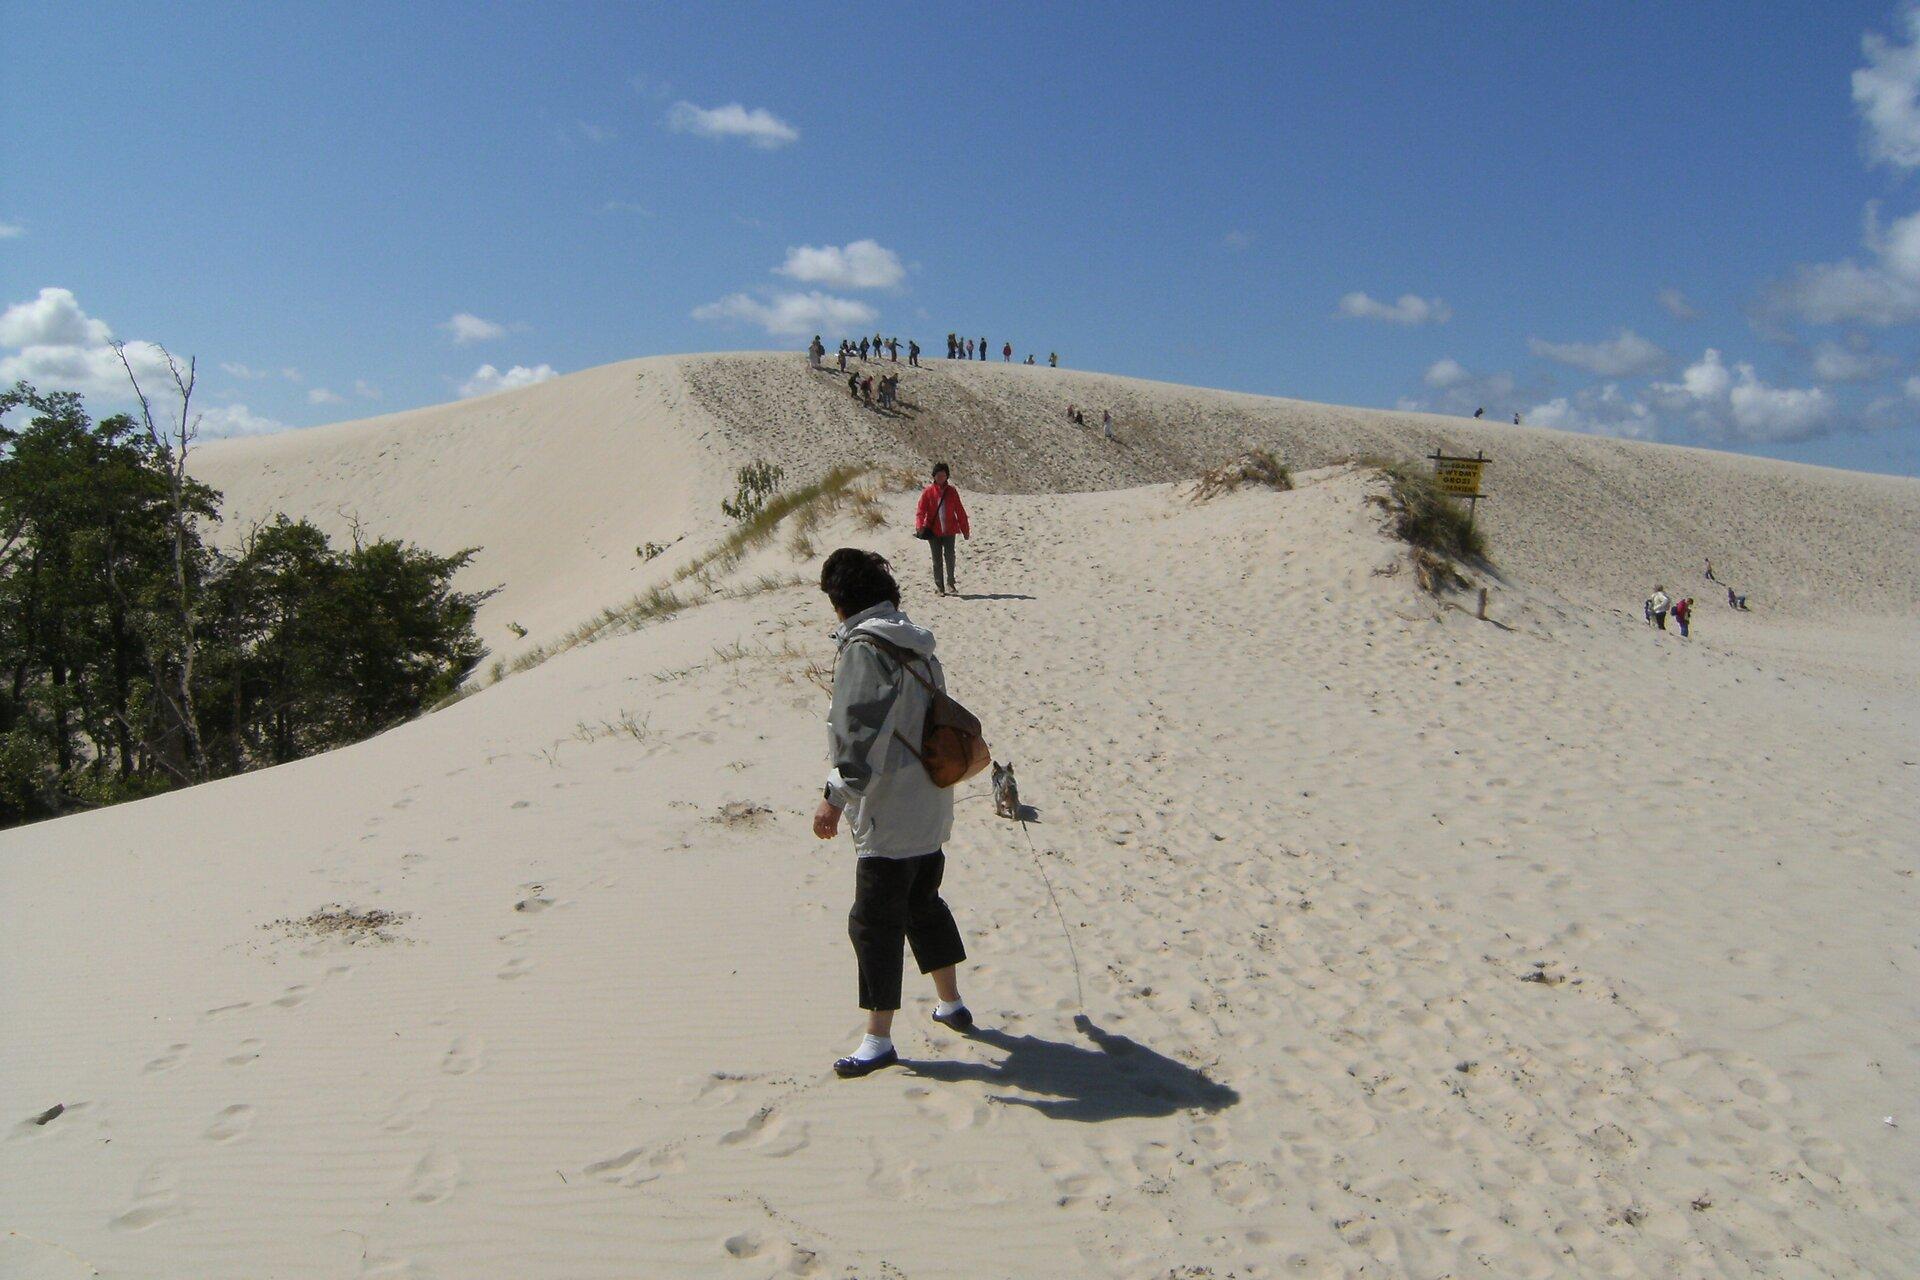 Na zdjęciu rozległa wydma porośnięta skąpą roślinnością, na szczycie grupa ludzi, zlewej strony wdole kilka drzew, pnie zasypane piaskiem.